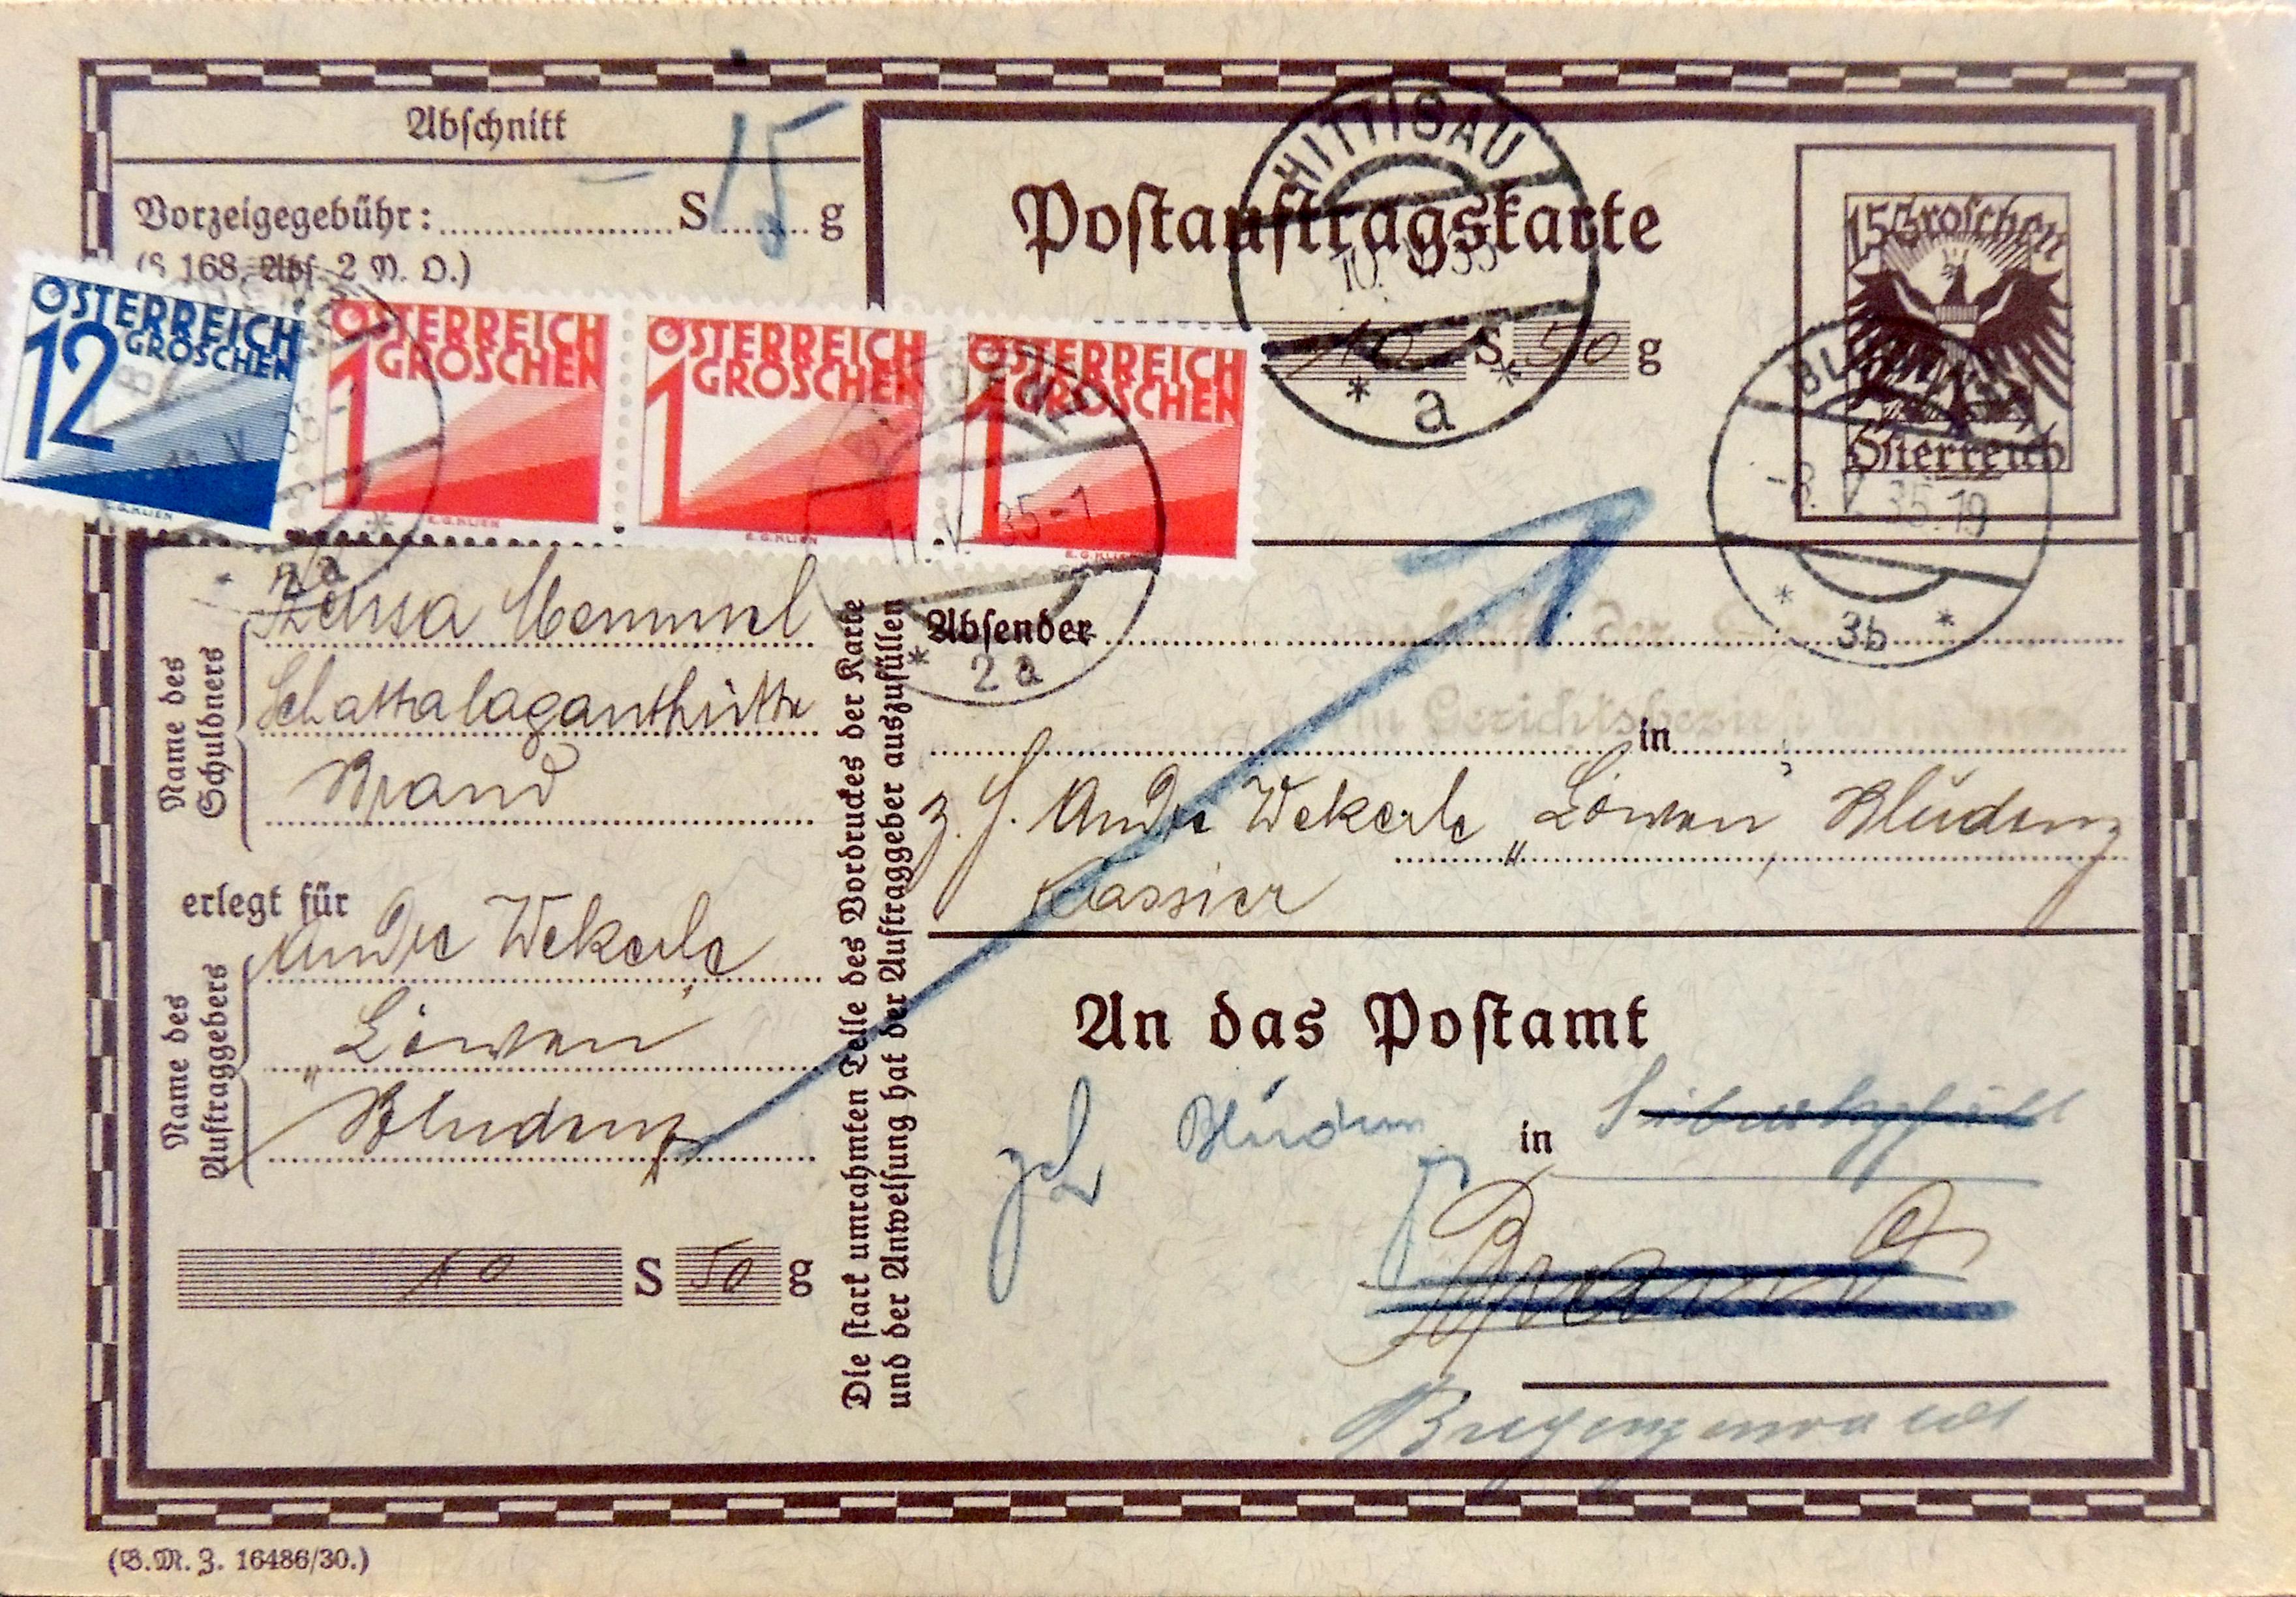 Postauftragskarte-Vorderseite